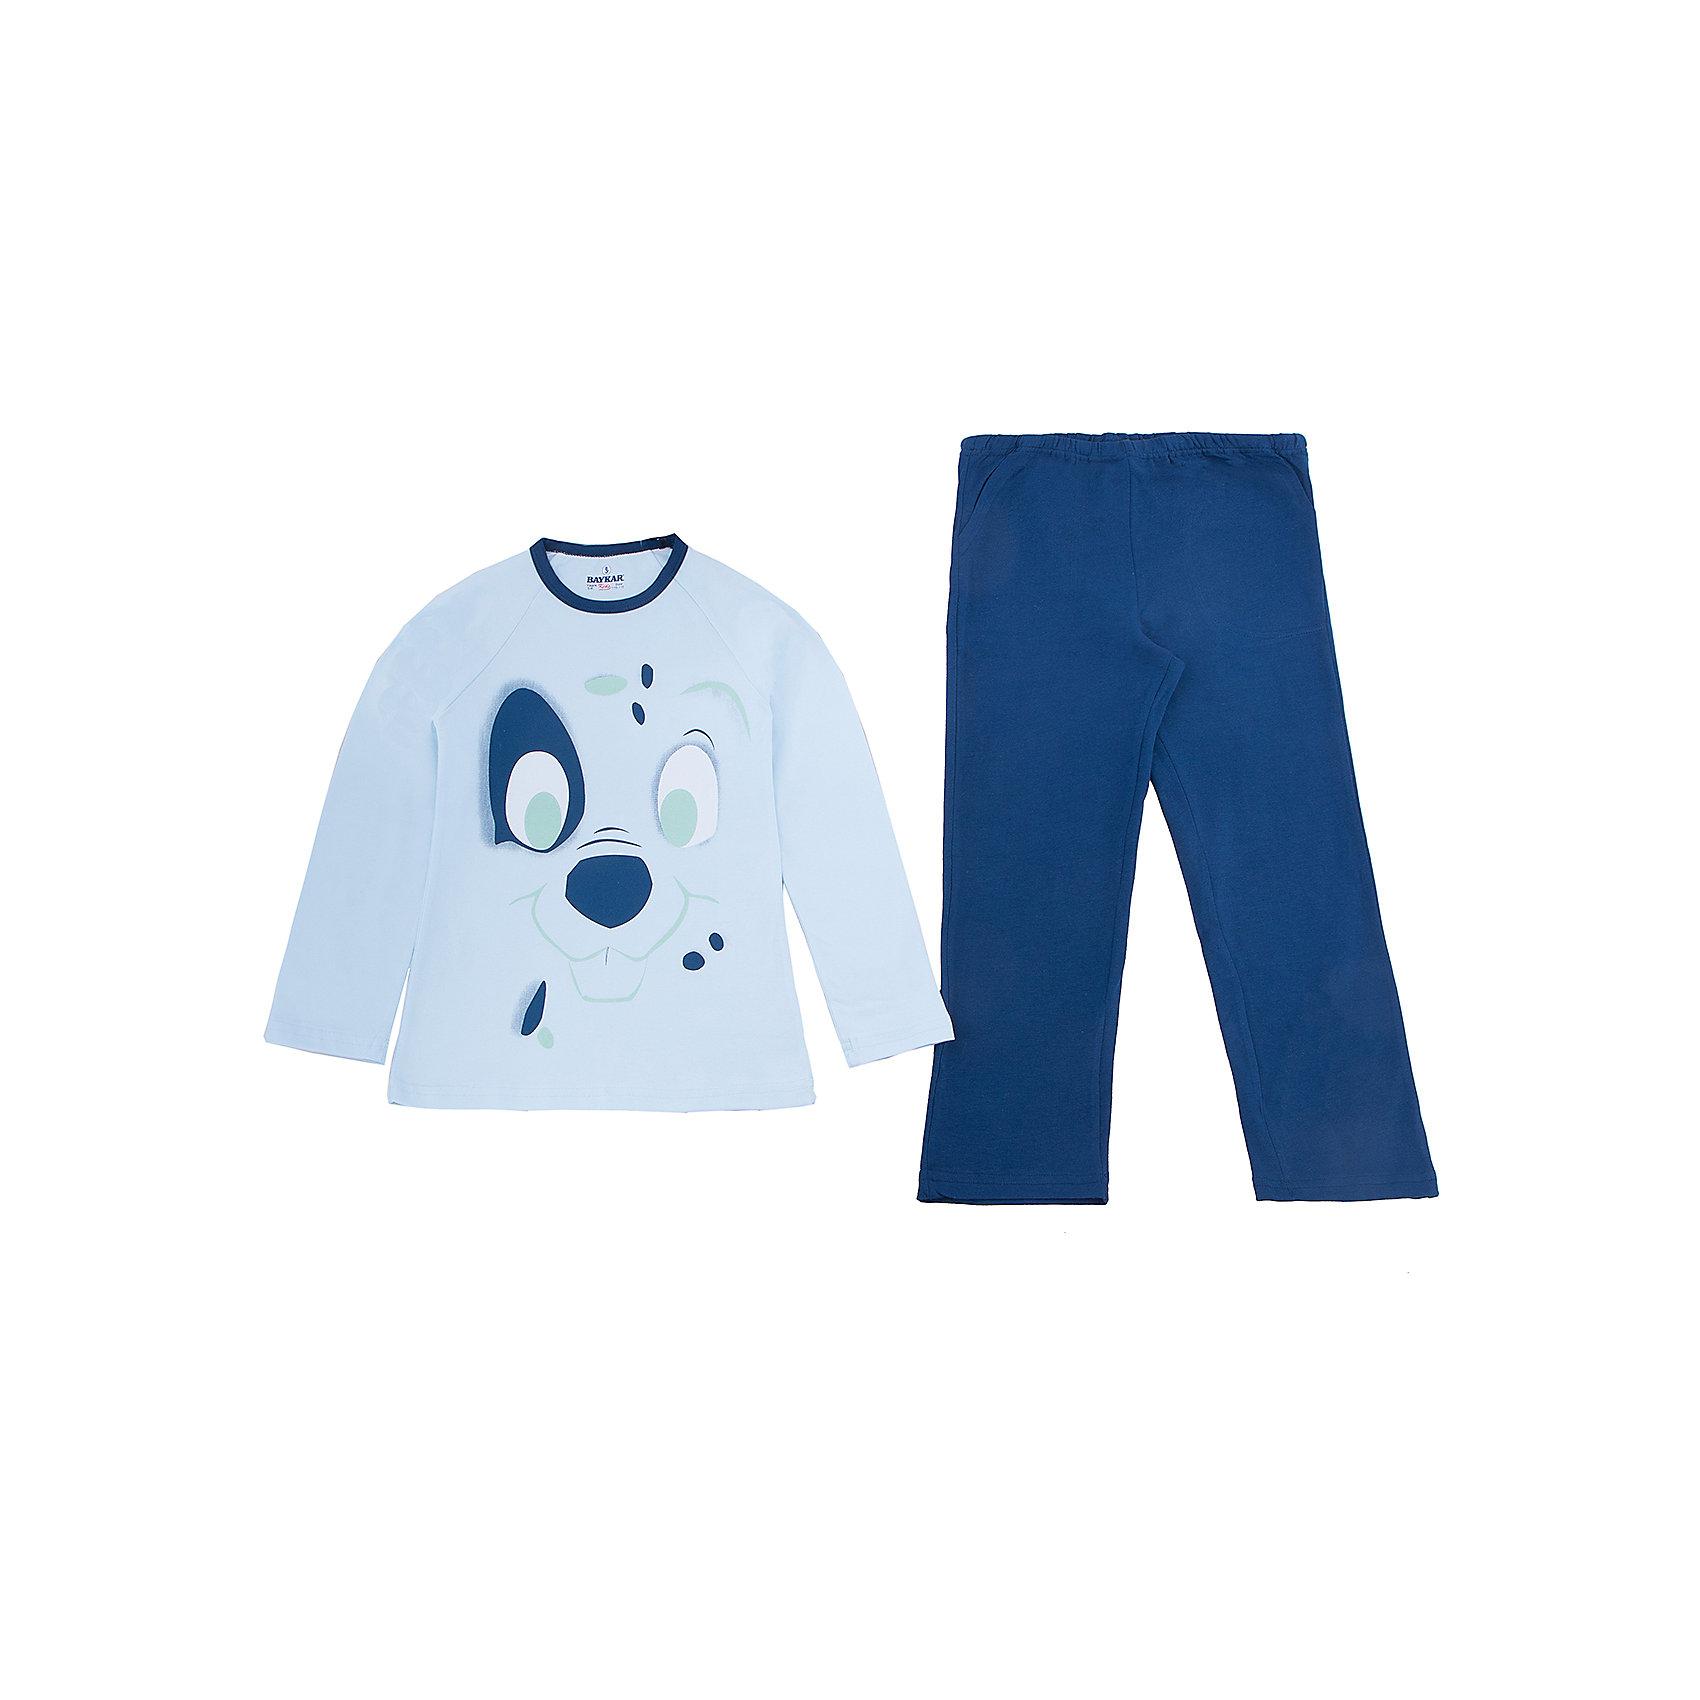 Пижама для мальчика BaykarПижамы и сорочки<br>Характеристики товара:<br><br>• цвет: синий<br>• состав ткани: 95% хлопок; 5% эластан<br>• комплектация: кофта, брюки<br>• пояс брюк: резинка<br>• сезон: круглый год<br>• страна бренда: Турция<br>• страна изготовитель: Турция<br><br>Синяя пижама для мальчика Baykar украшена симпатичным принтом. Этот комплект для сна из кофты и брюк сделан из мягкого дышащего материала. <br><br>Продуманный крой обеспечивает комфортную посадку. Качественная пижама для мальчика позволяет обеспечить комфортный сон.<br><br>Пижаму для мальчика Baykar (Байкар) можно купить в нашем интернет-магазине.<br><br>Ширина мм: 281<br>Глубина мм: 70<br>Высота мм: 188<br>Вес г: 295<br>Цвет: синий<br>Возраст от месяцев: 72<br>Возраст до месяцев: 84<br>Пол: Мужской<br>Возраст: Детский<br>Размер: 116/122,110/116,104/110,98/104<br>SKU: 6764777